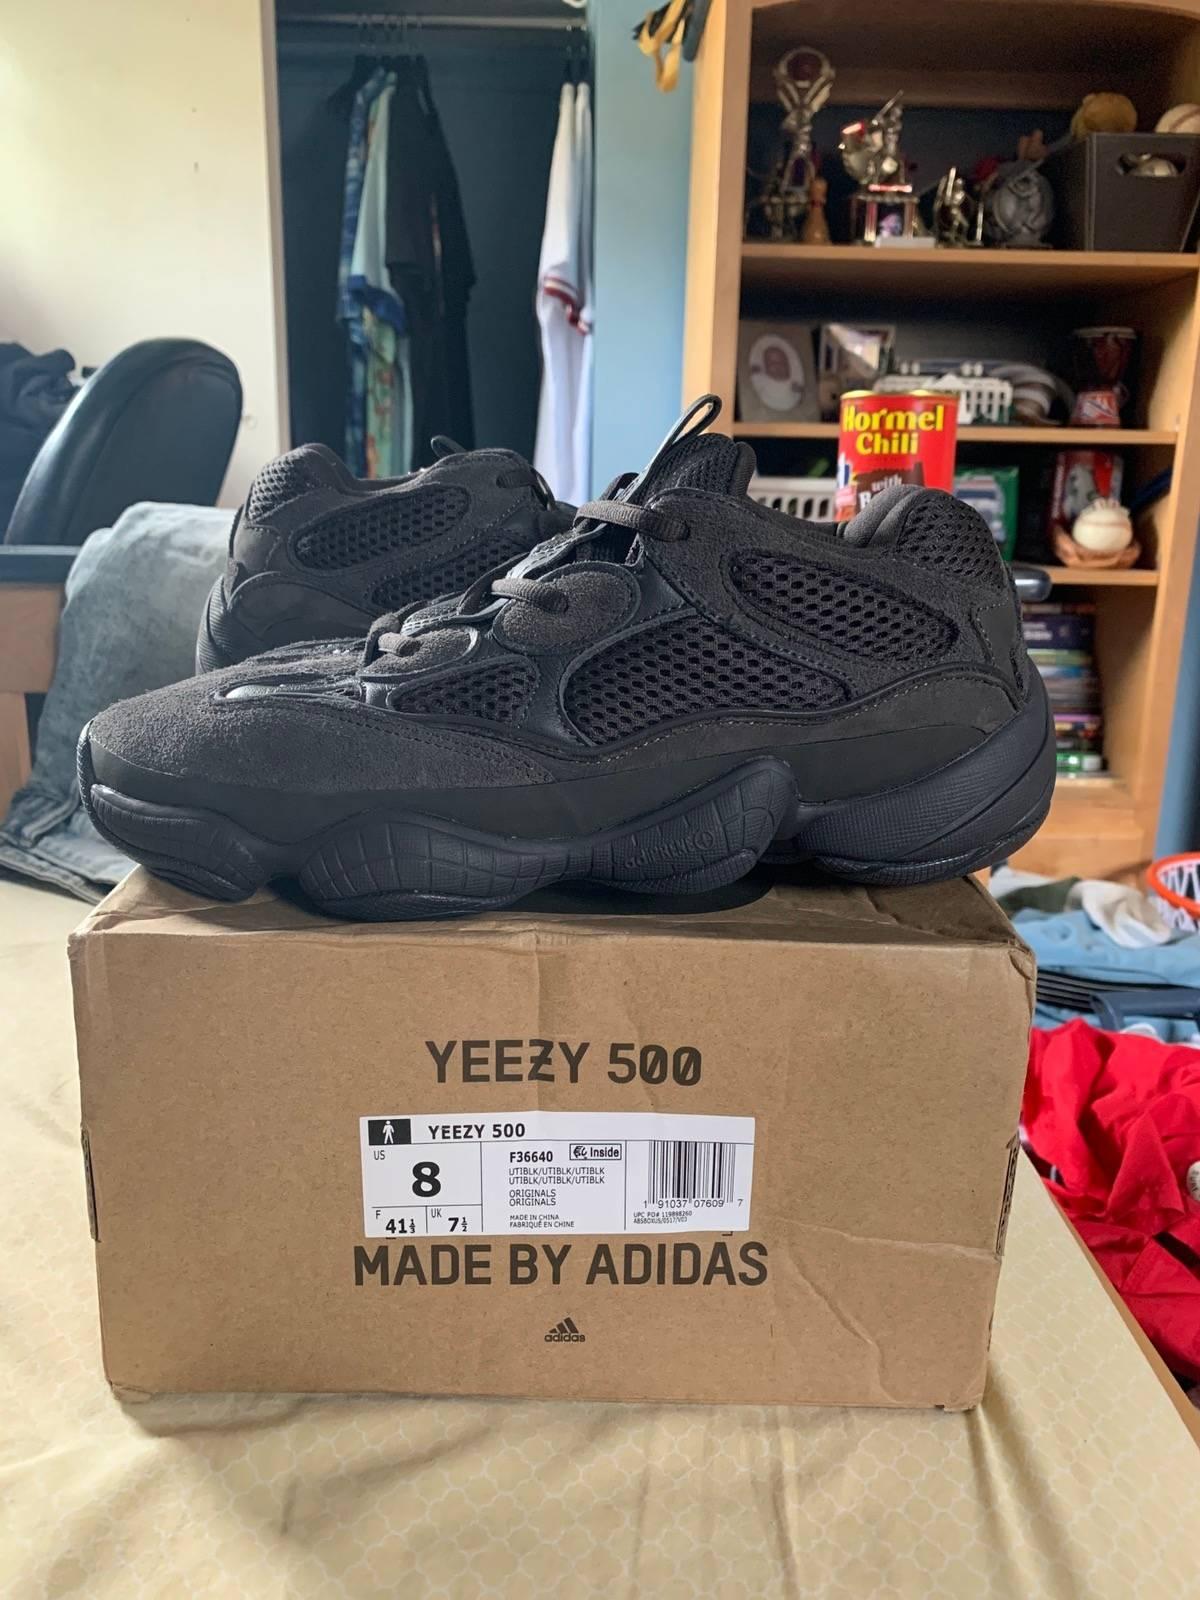 5357050a9eb Adidas × Kanye West ×. Yeezy 500 Utility Black. Size  US 8 ...